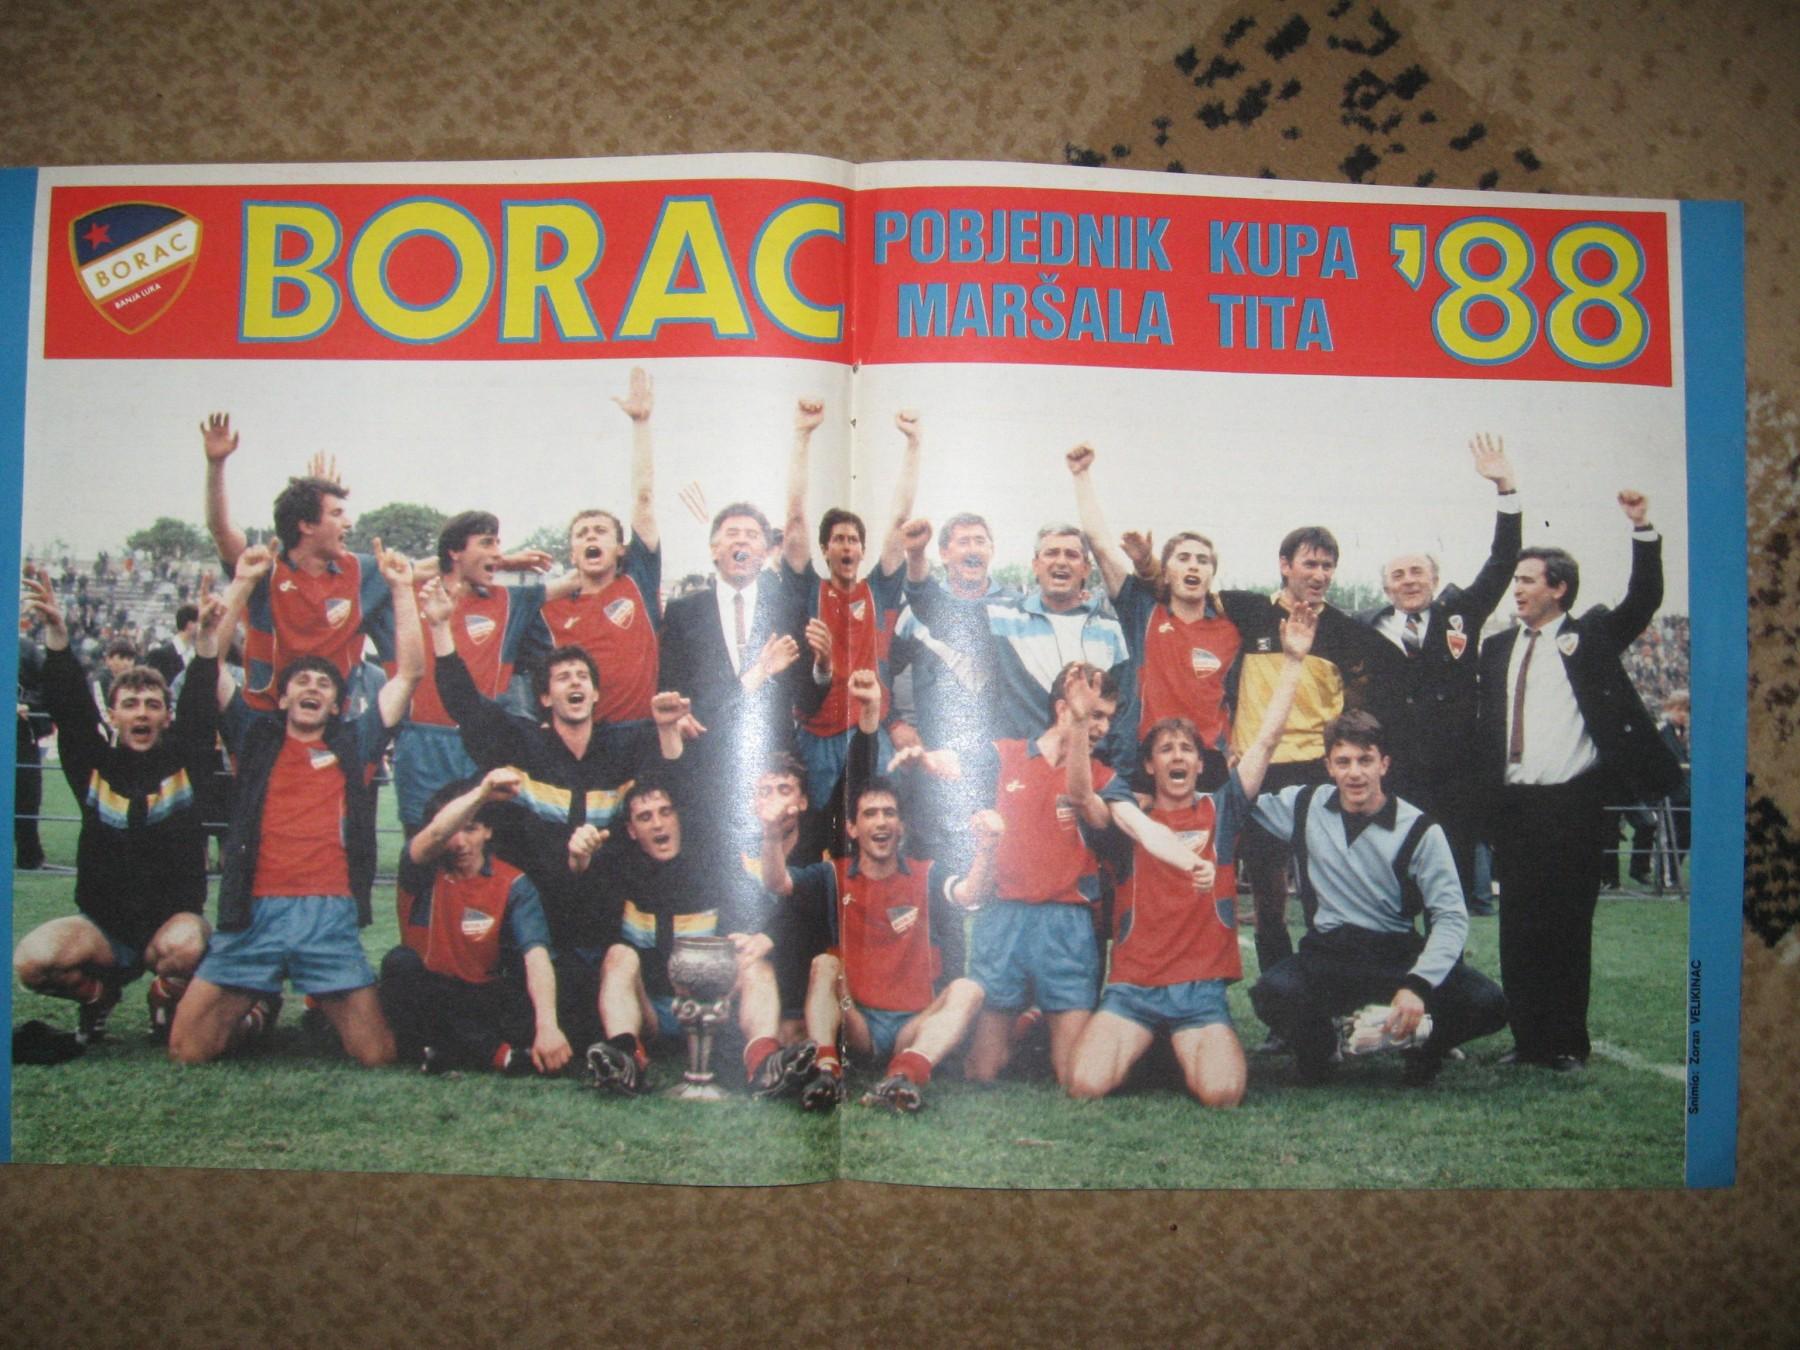 borac 88